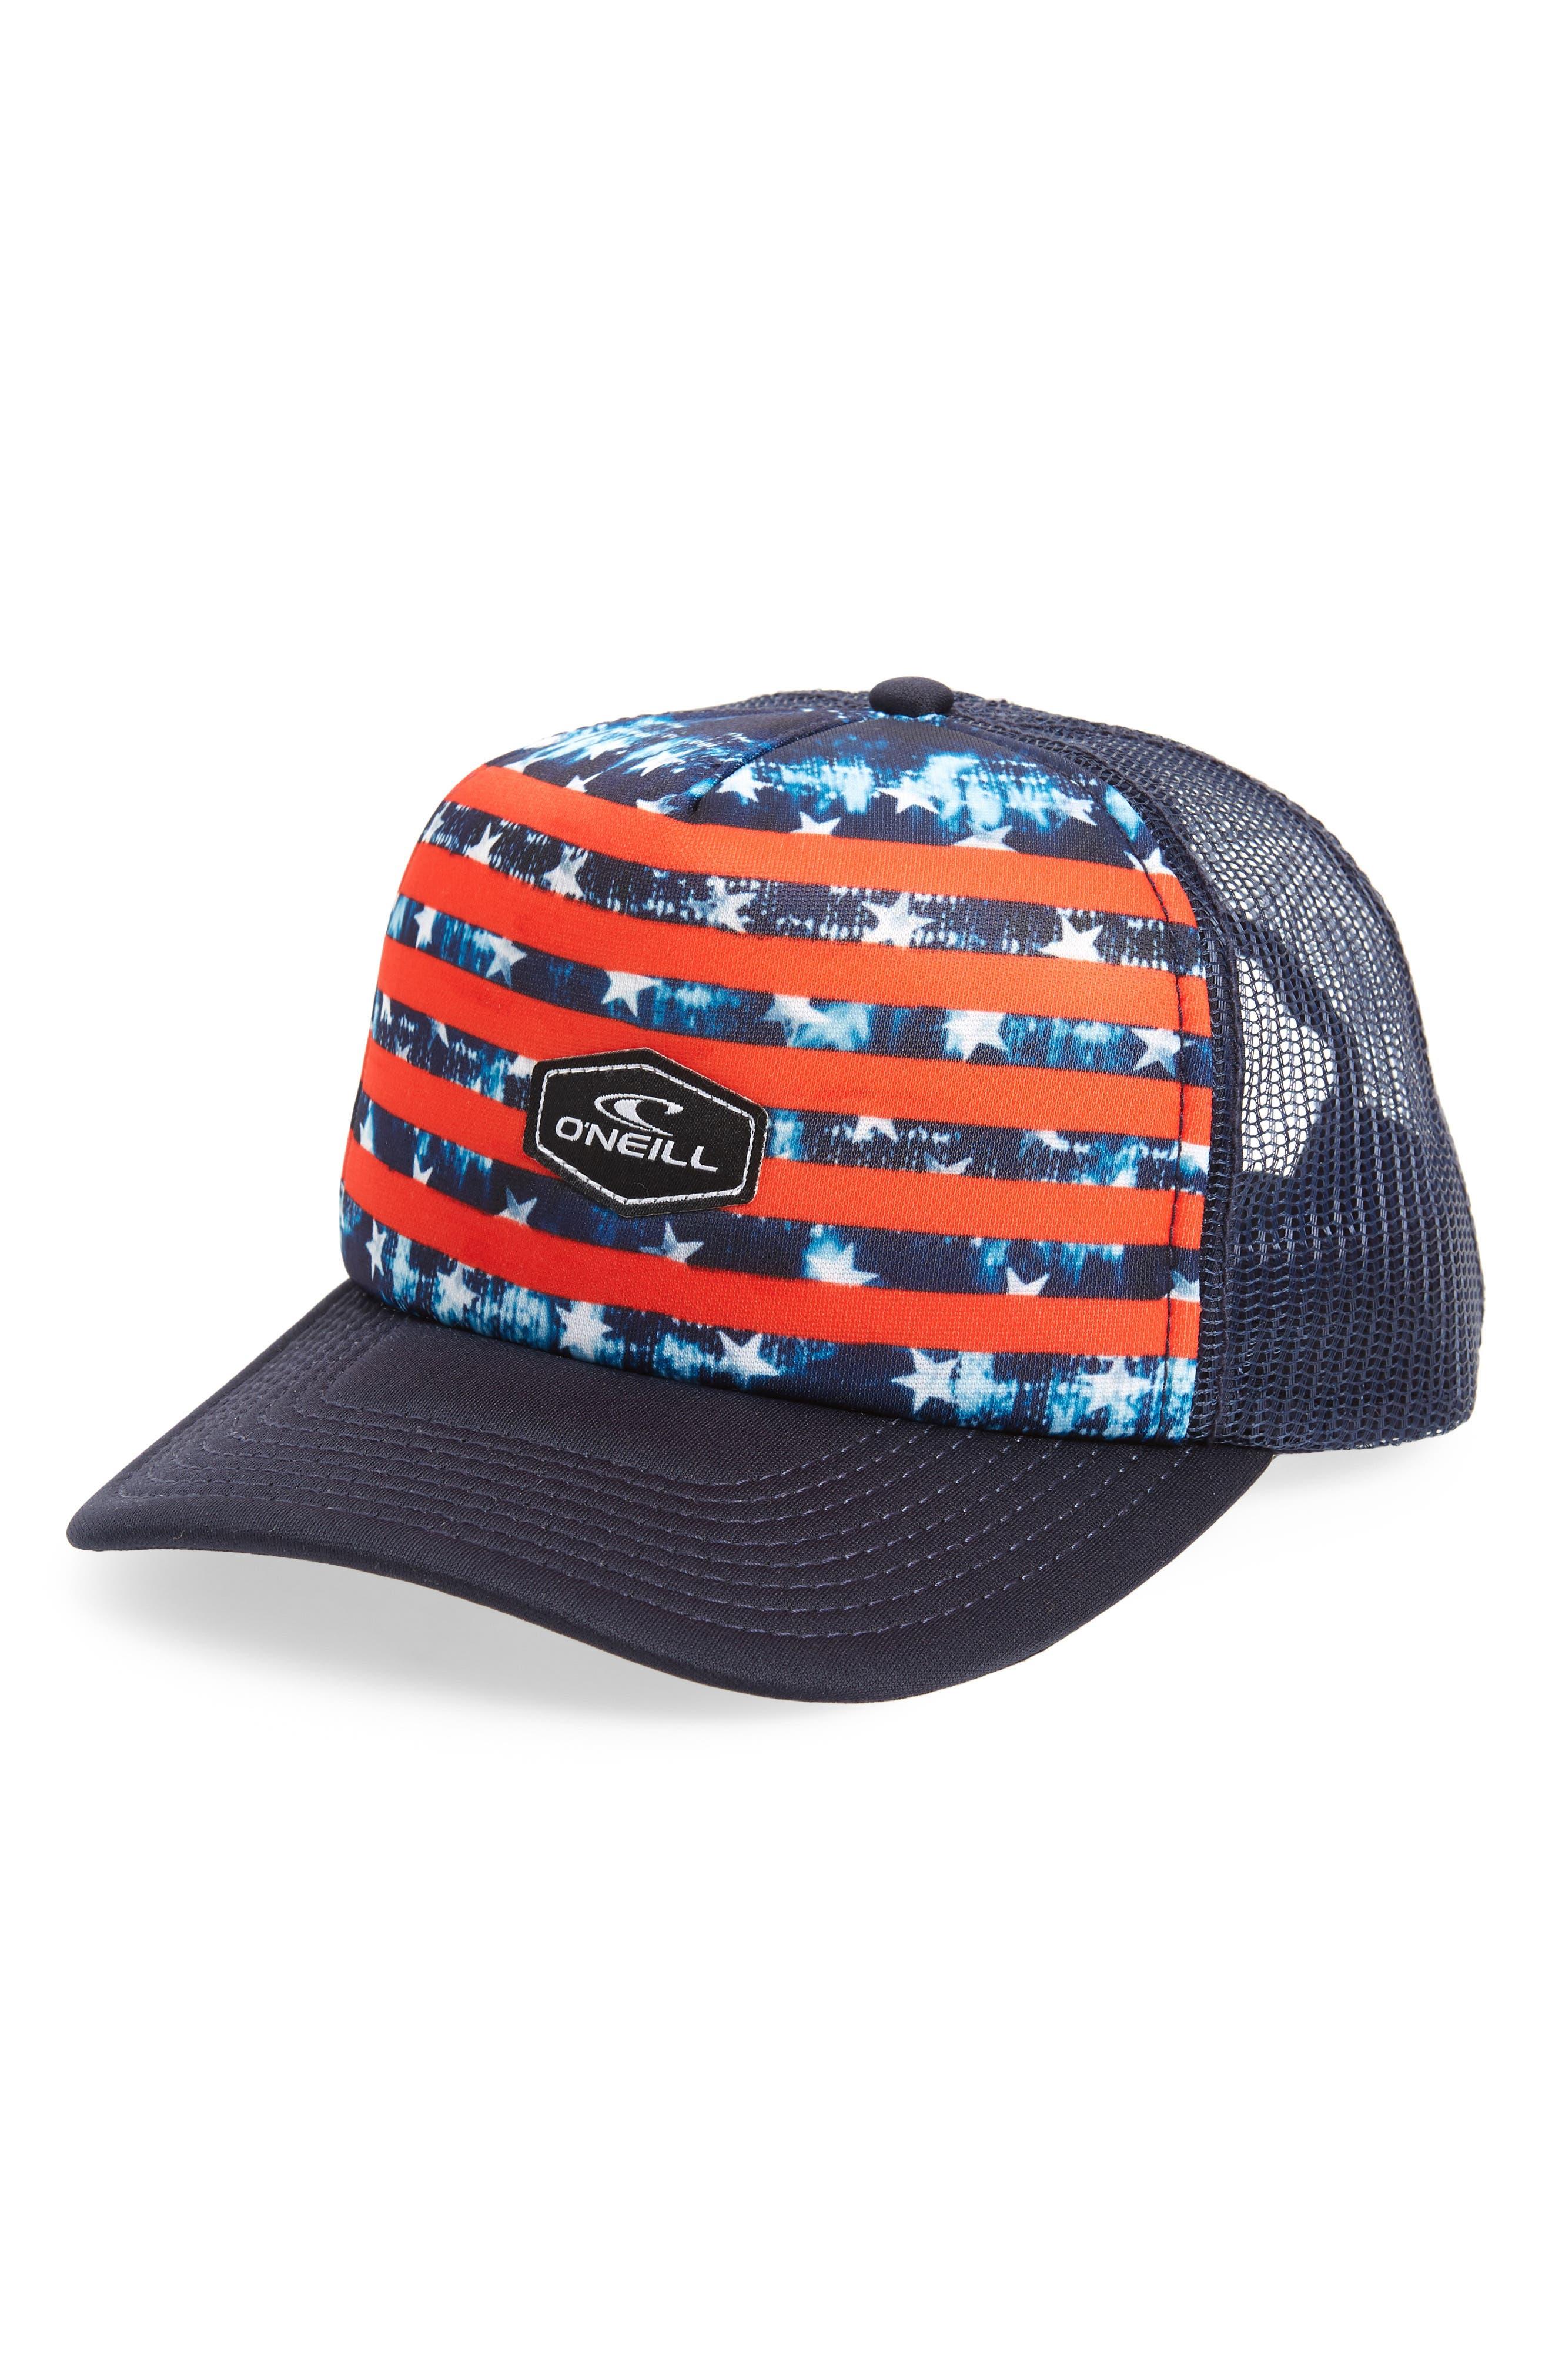 O'Neill EZ Freak Trucker Hat